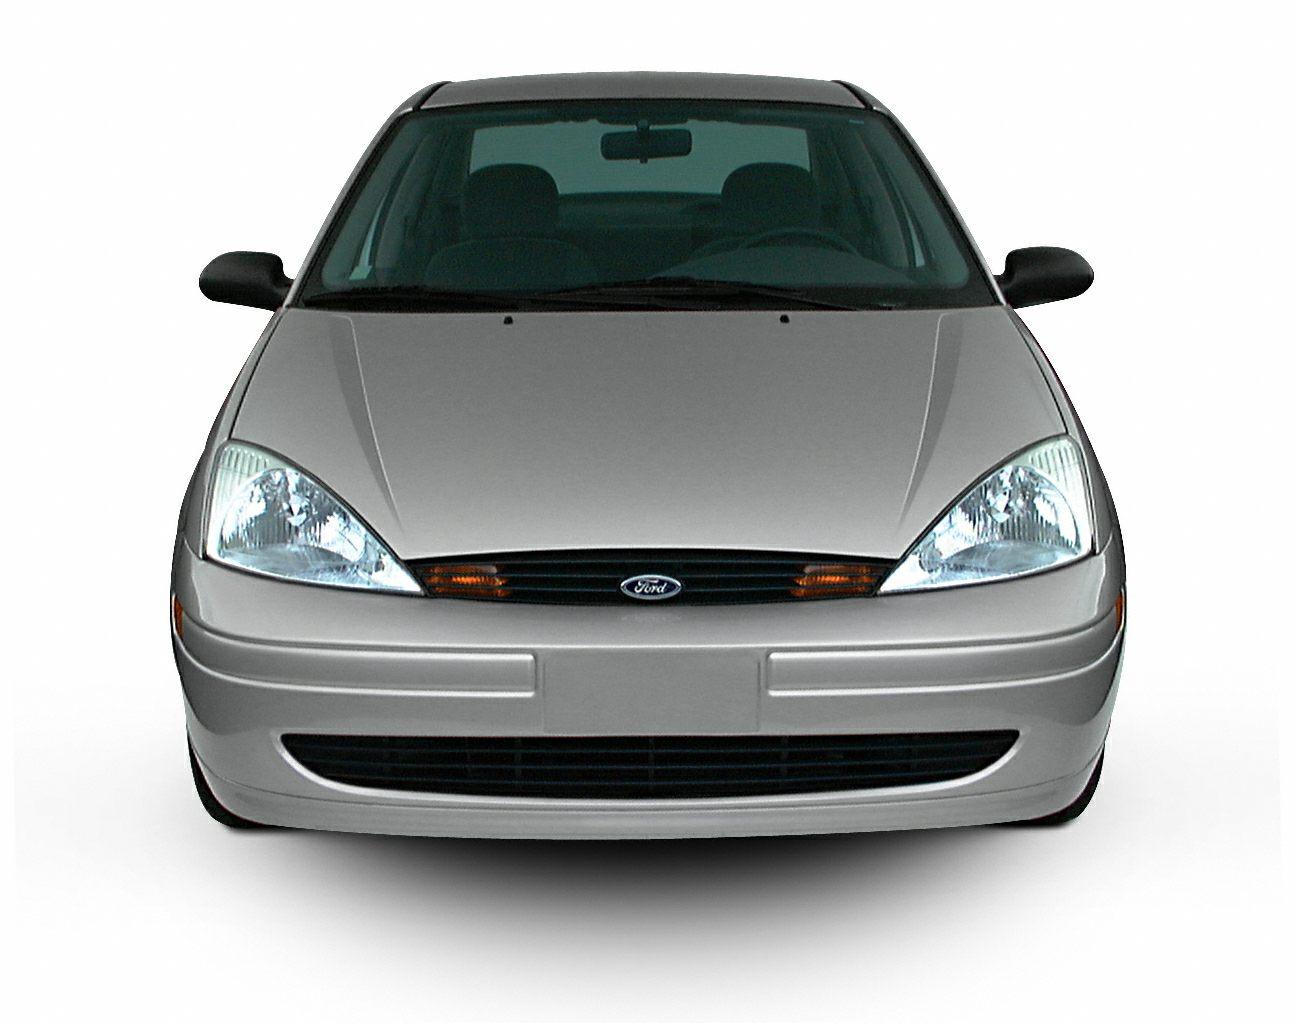 2000 ford focus lx 4dr sedan pictures. Black Bedroom Furniture Sets. Home Design Ideas